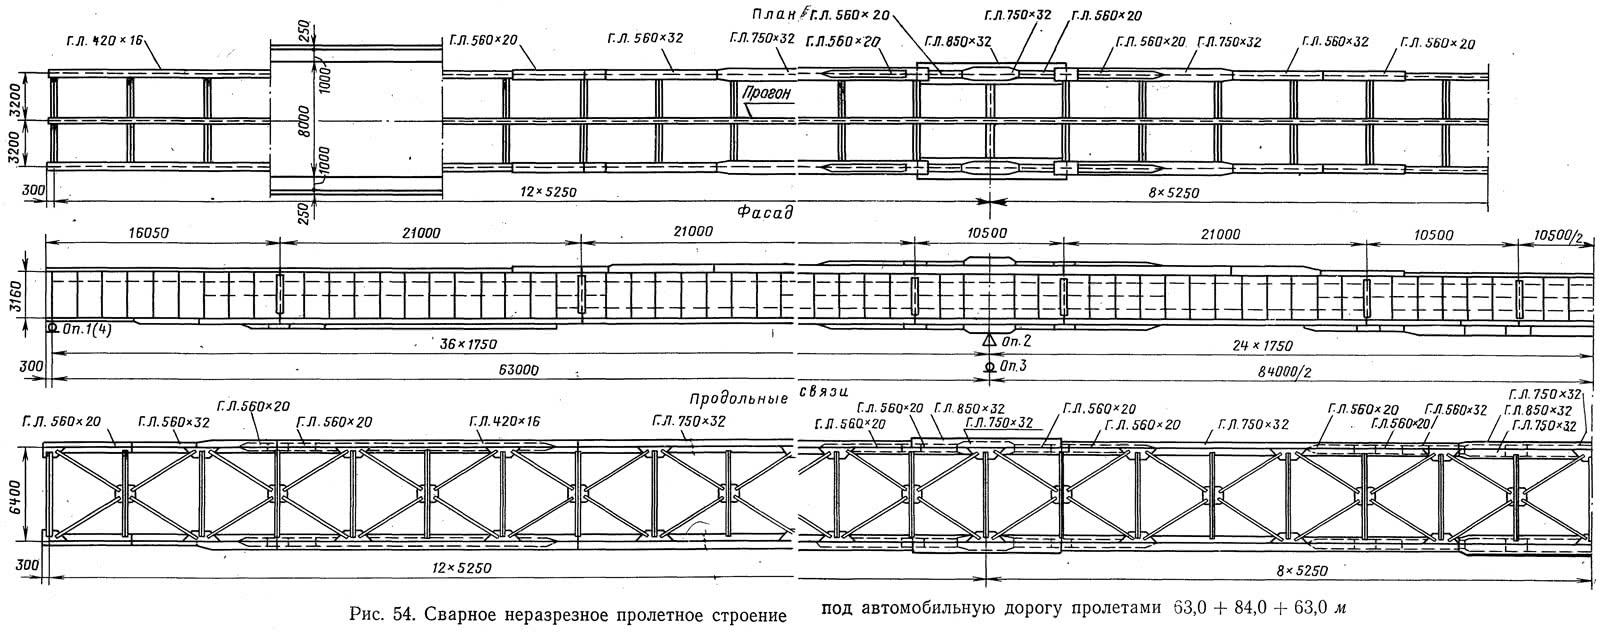 Рис. 54. Сварное неразрезное пролетное строение под автомобильную дорогу